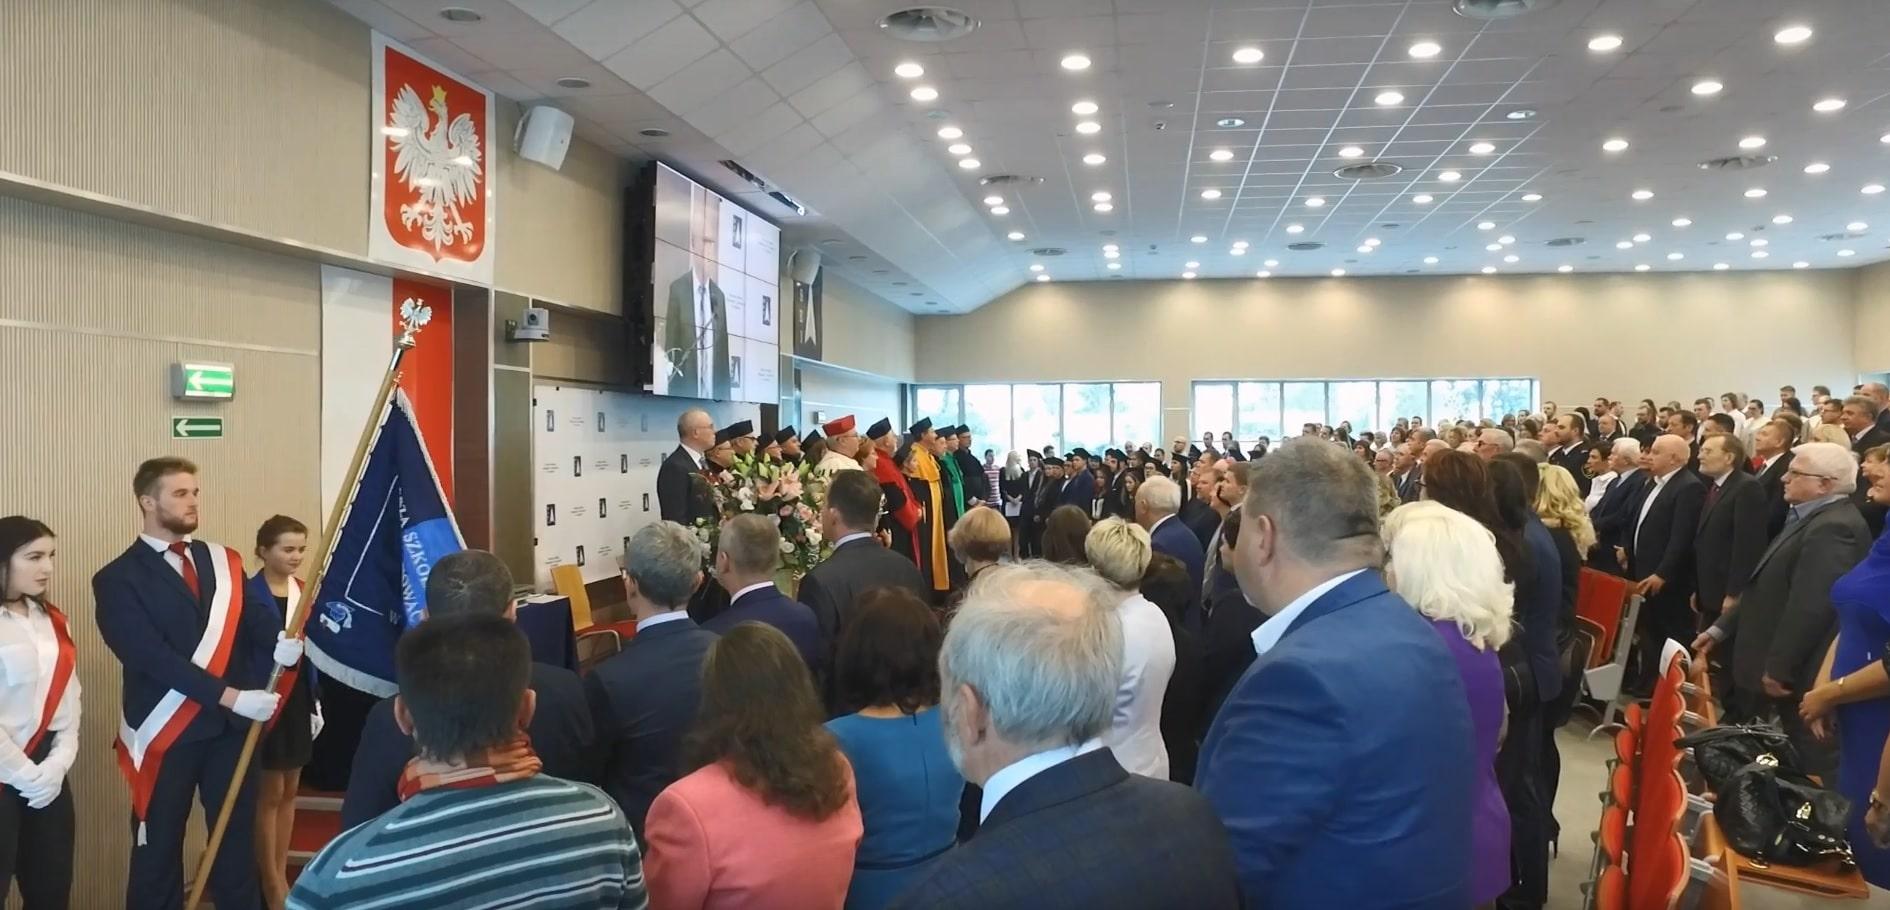 Uroczysta Inauguracja Roku Akademickiego 2017/2018 w WSEI